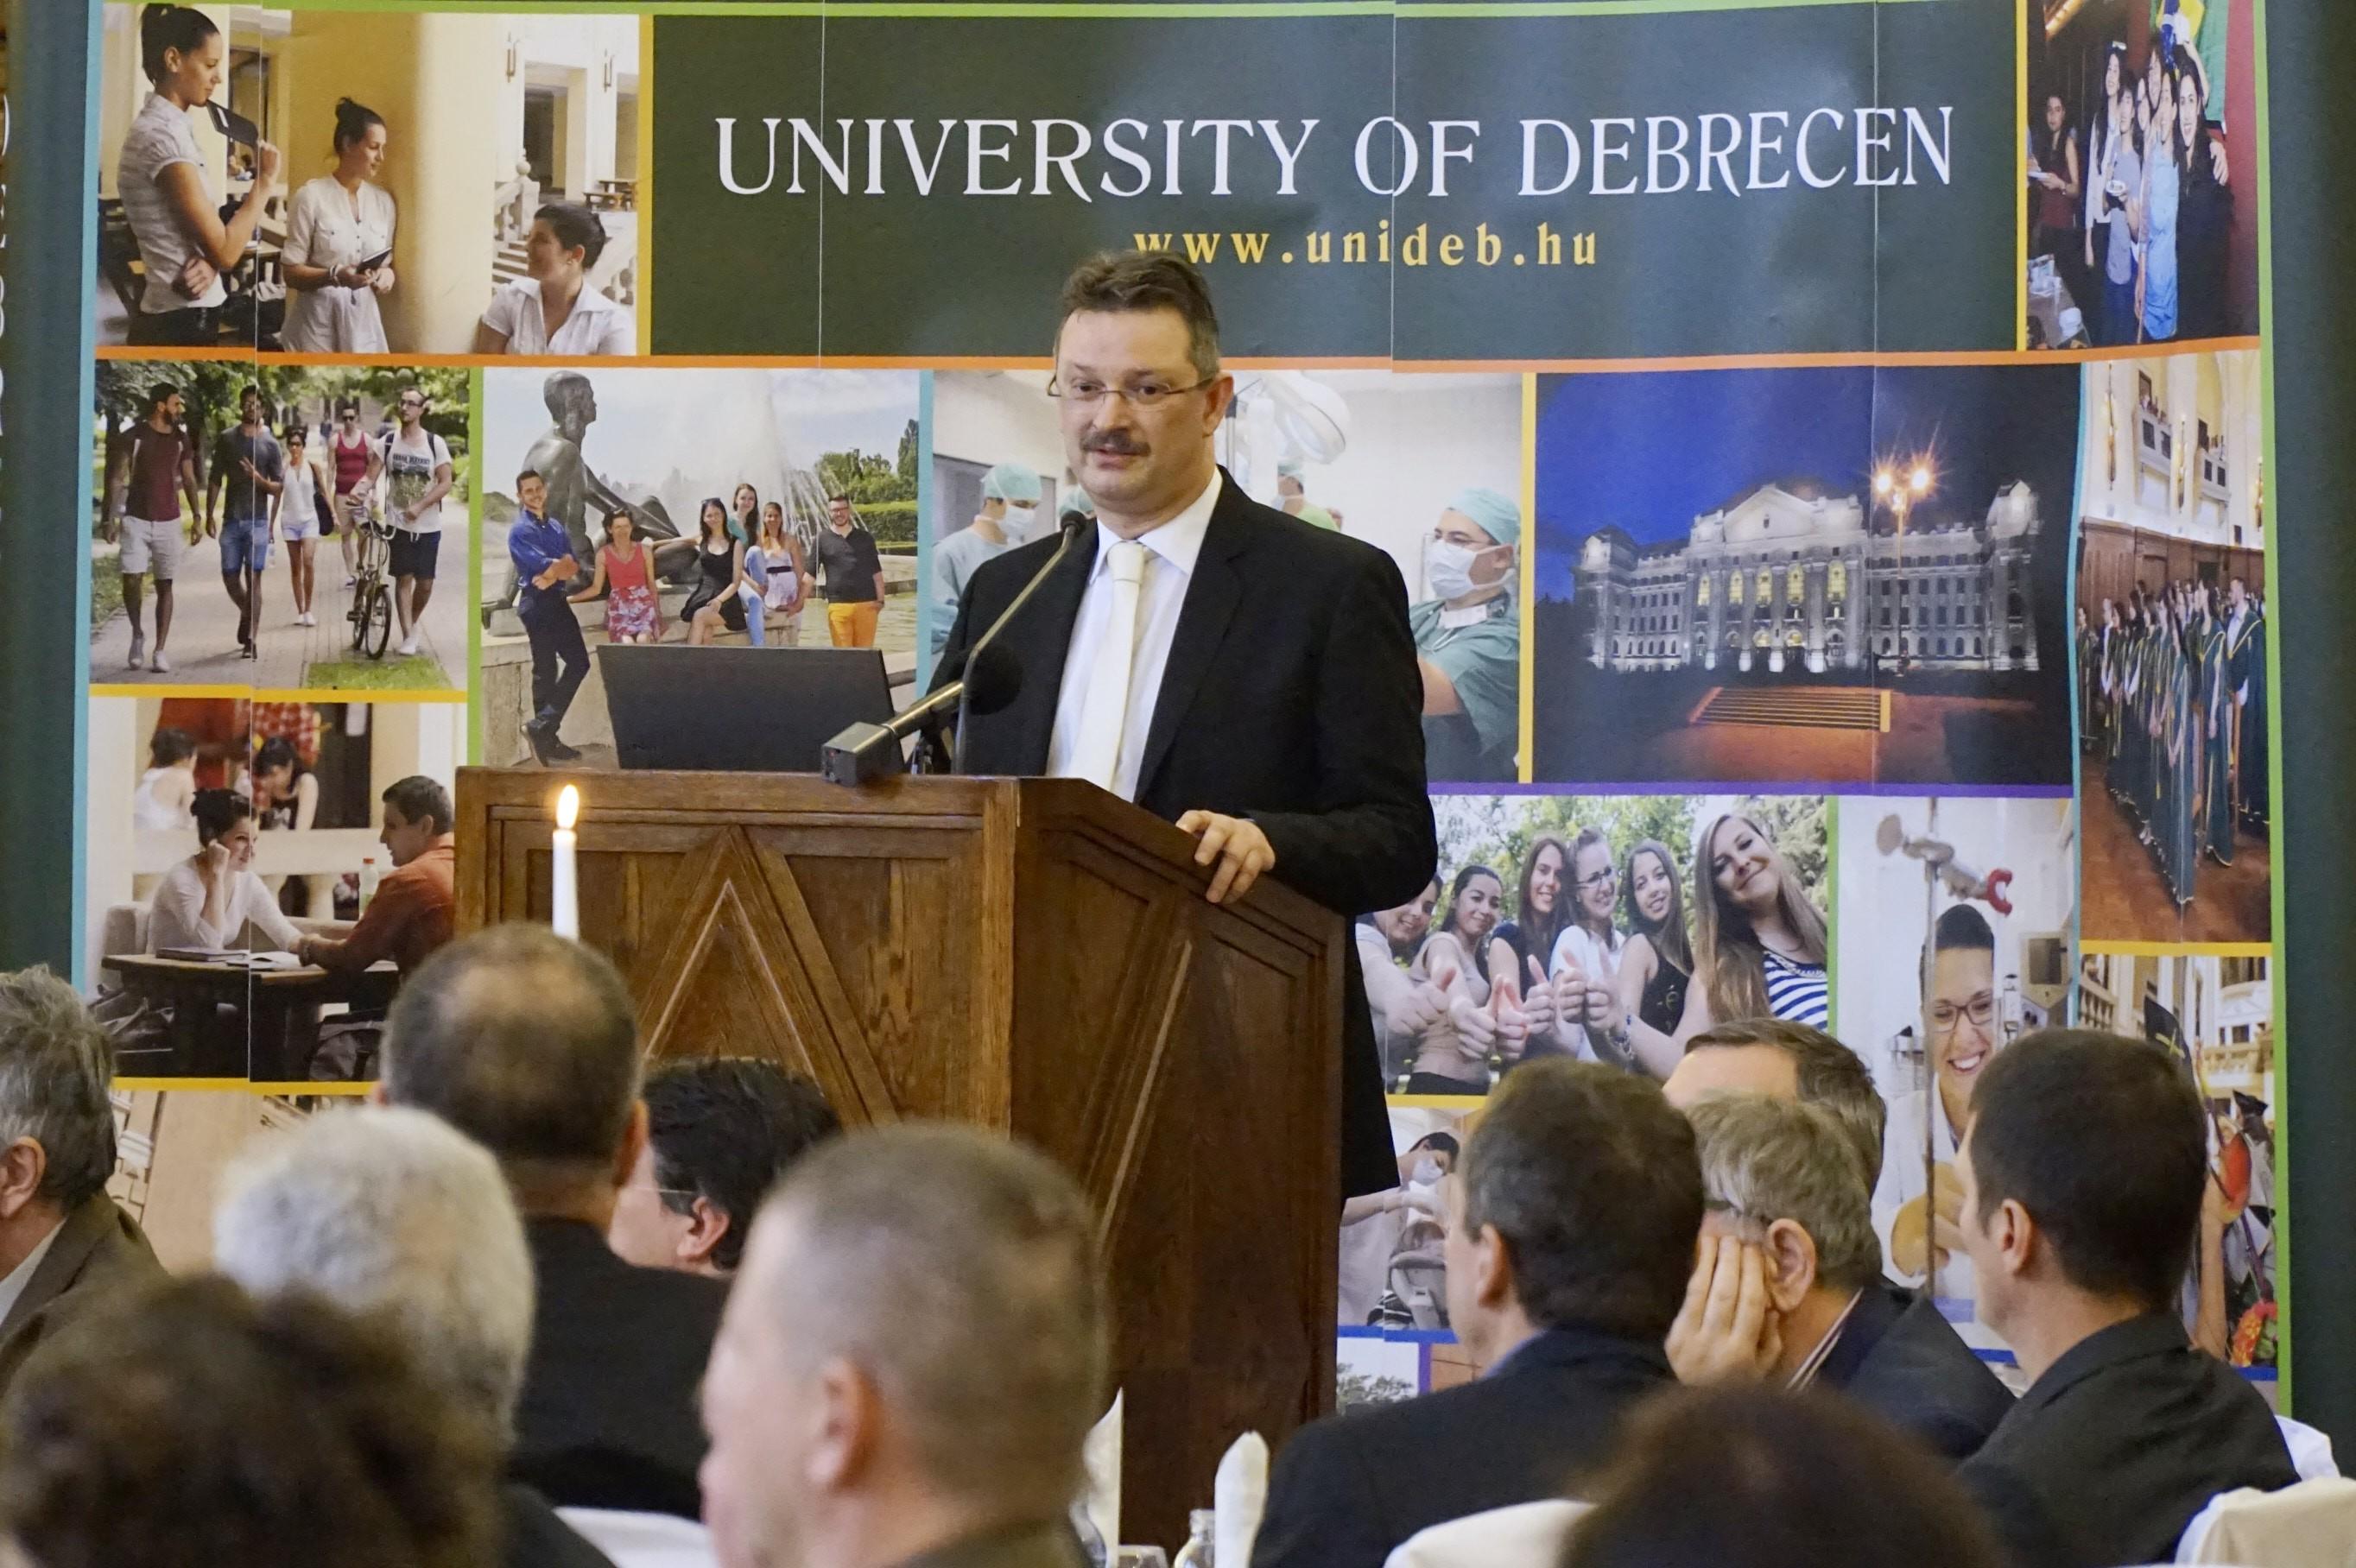 Közép-Európában egyedülálló üzemet épít a Debreceni Egyetem